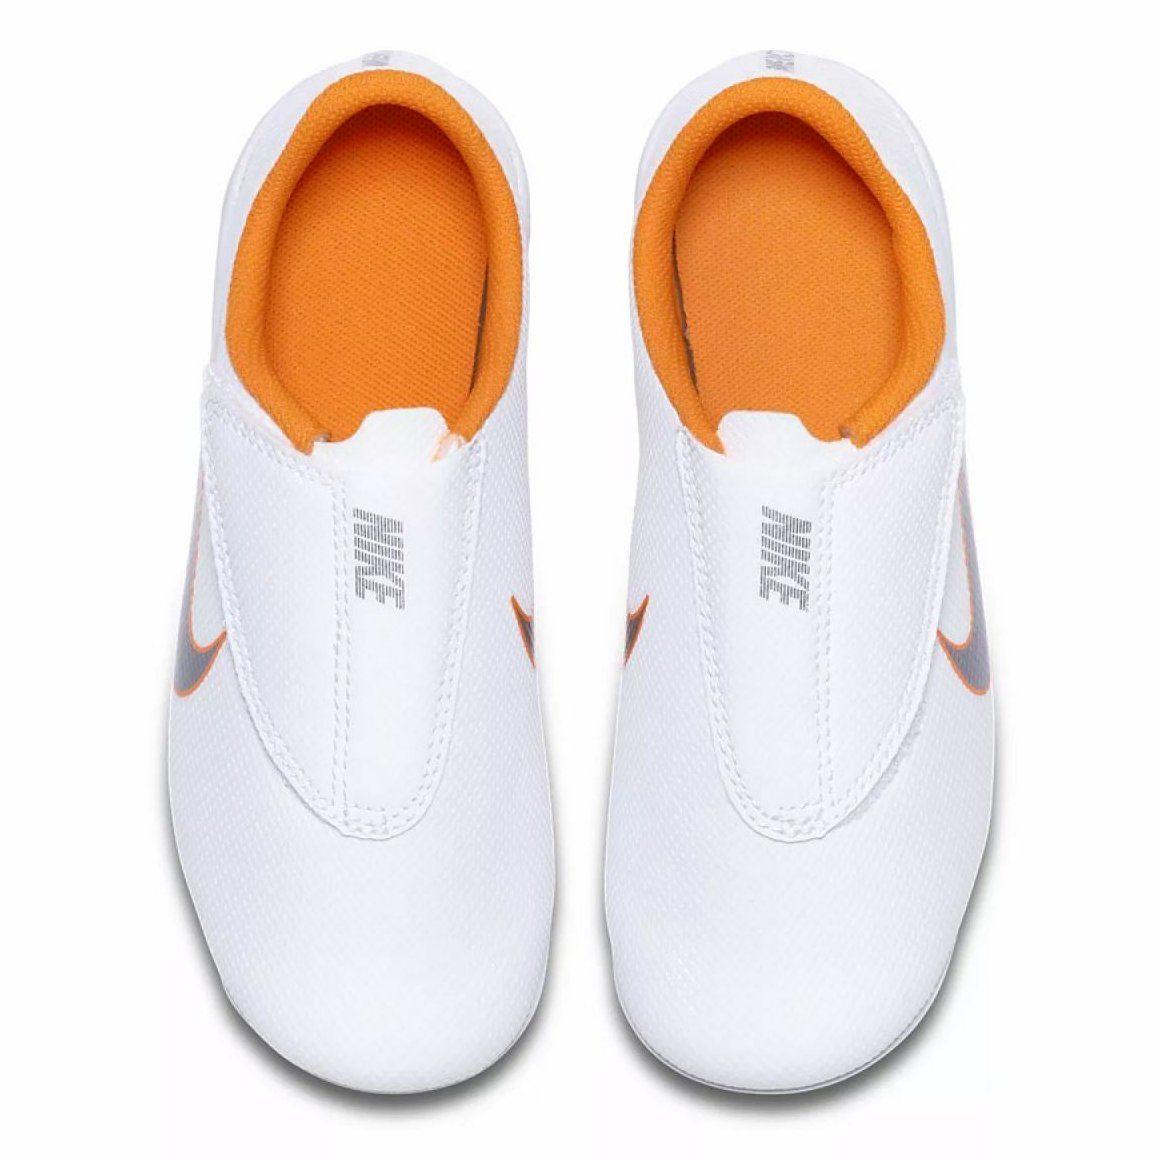 Buty Pilkarskie Nike Mercurial Vapor 12 Club Ps V Mg Jr Ah7351 107 Biale Biale Baby Shoes Nike Shoes